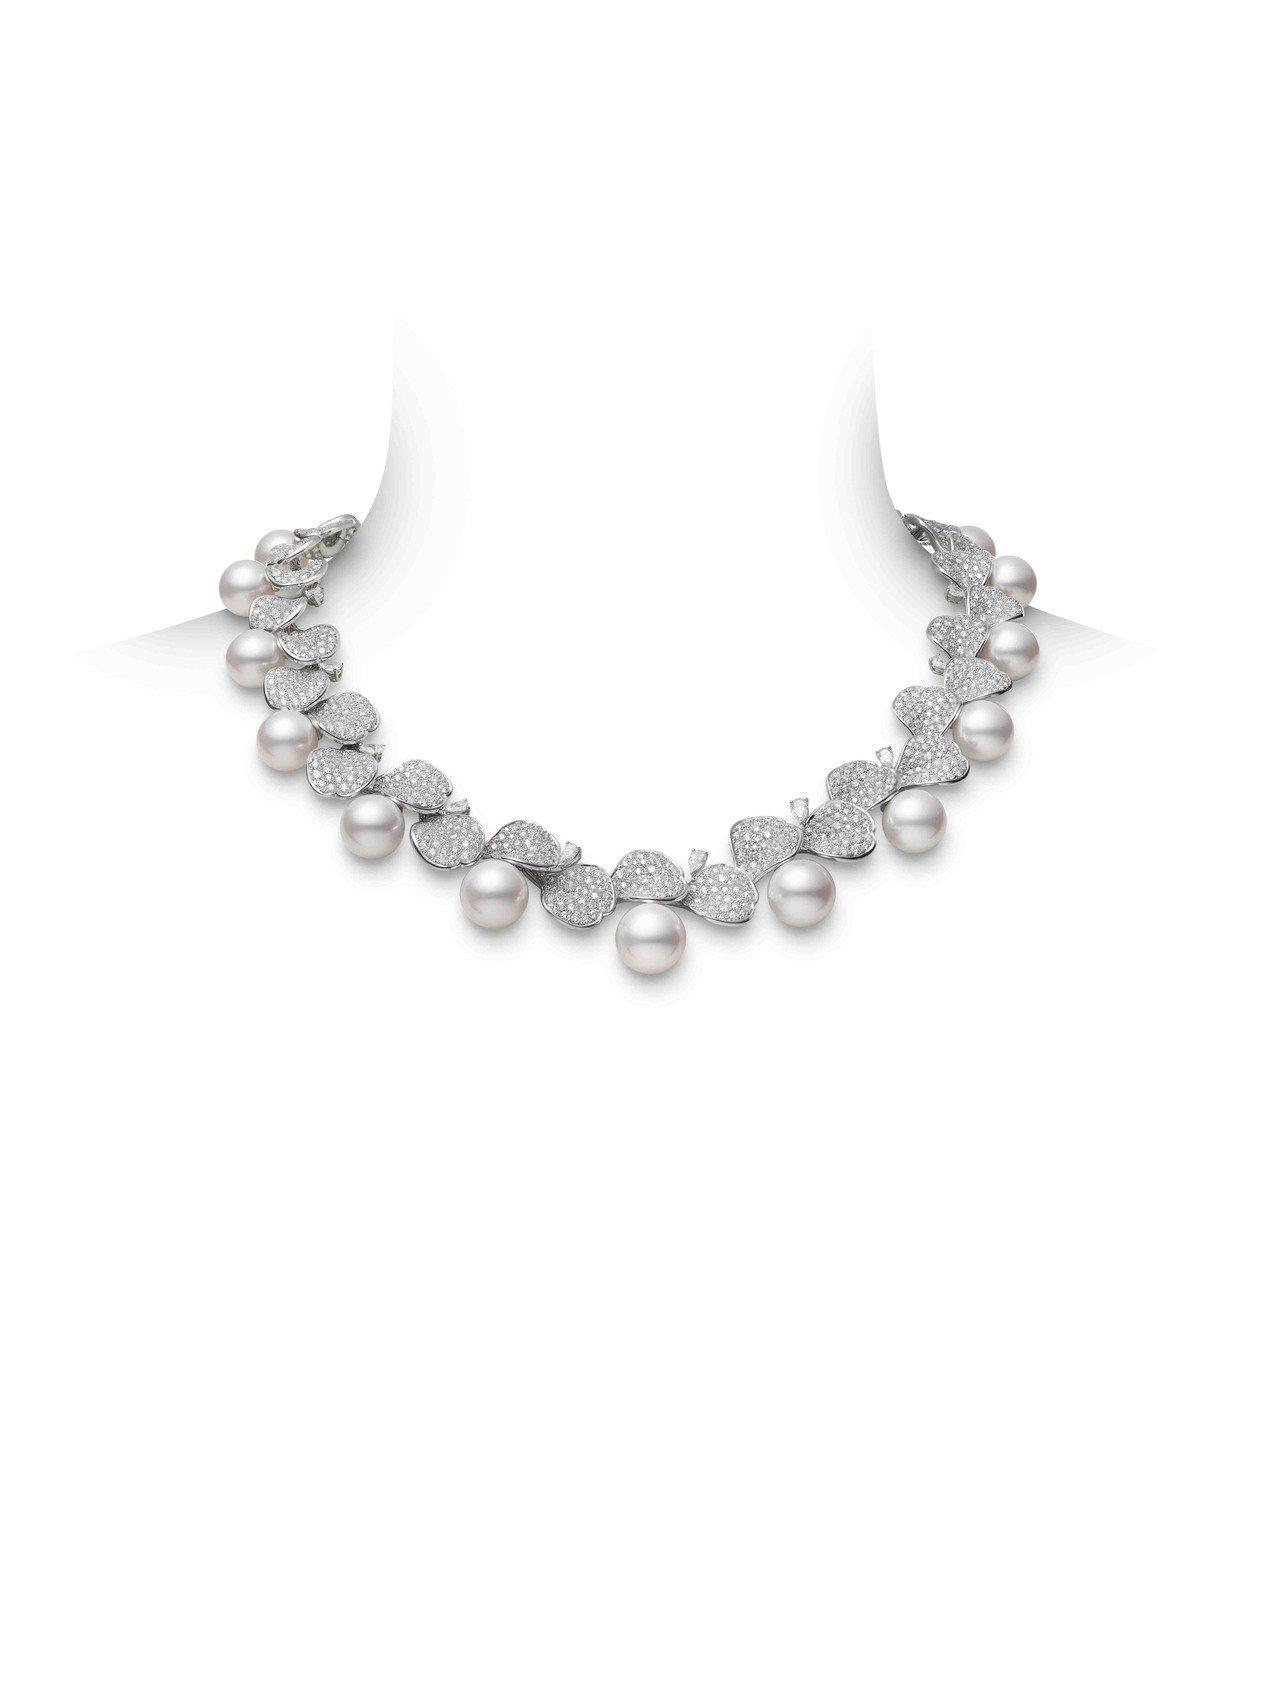 MIKIMOTO Les Pétales Place Vendôme頂級珠寶系列...